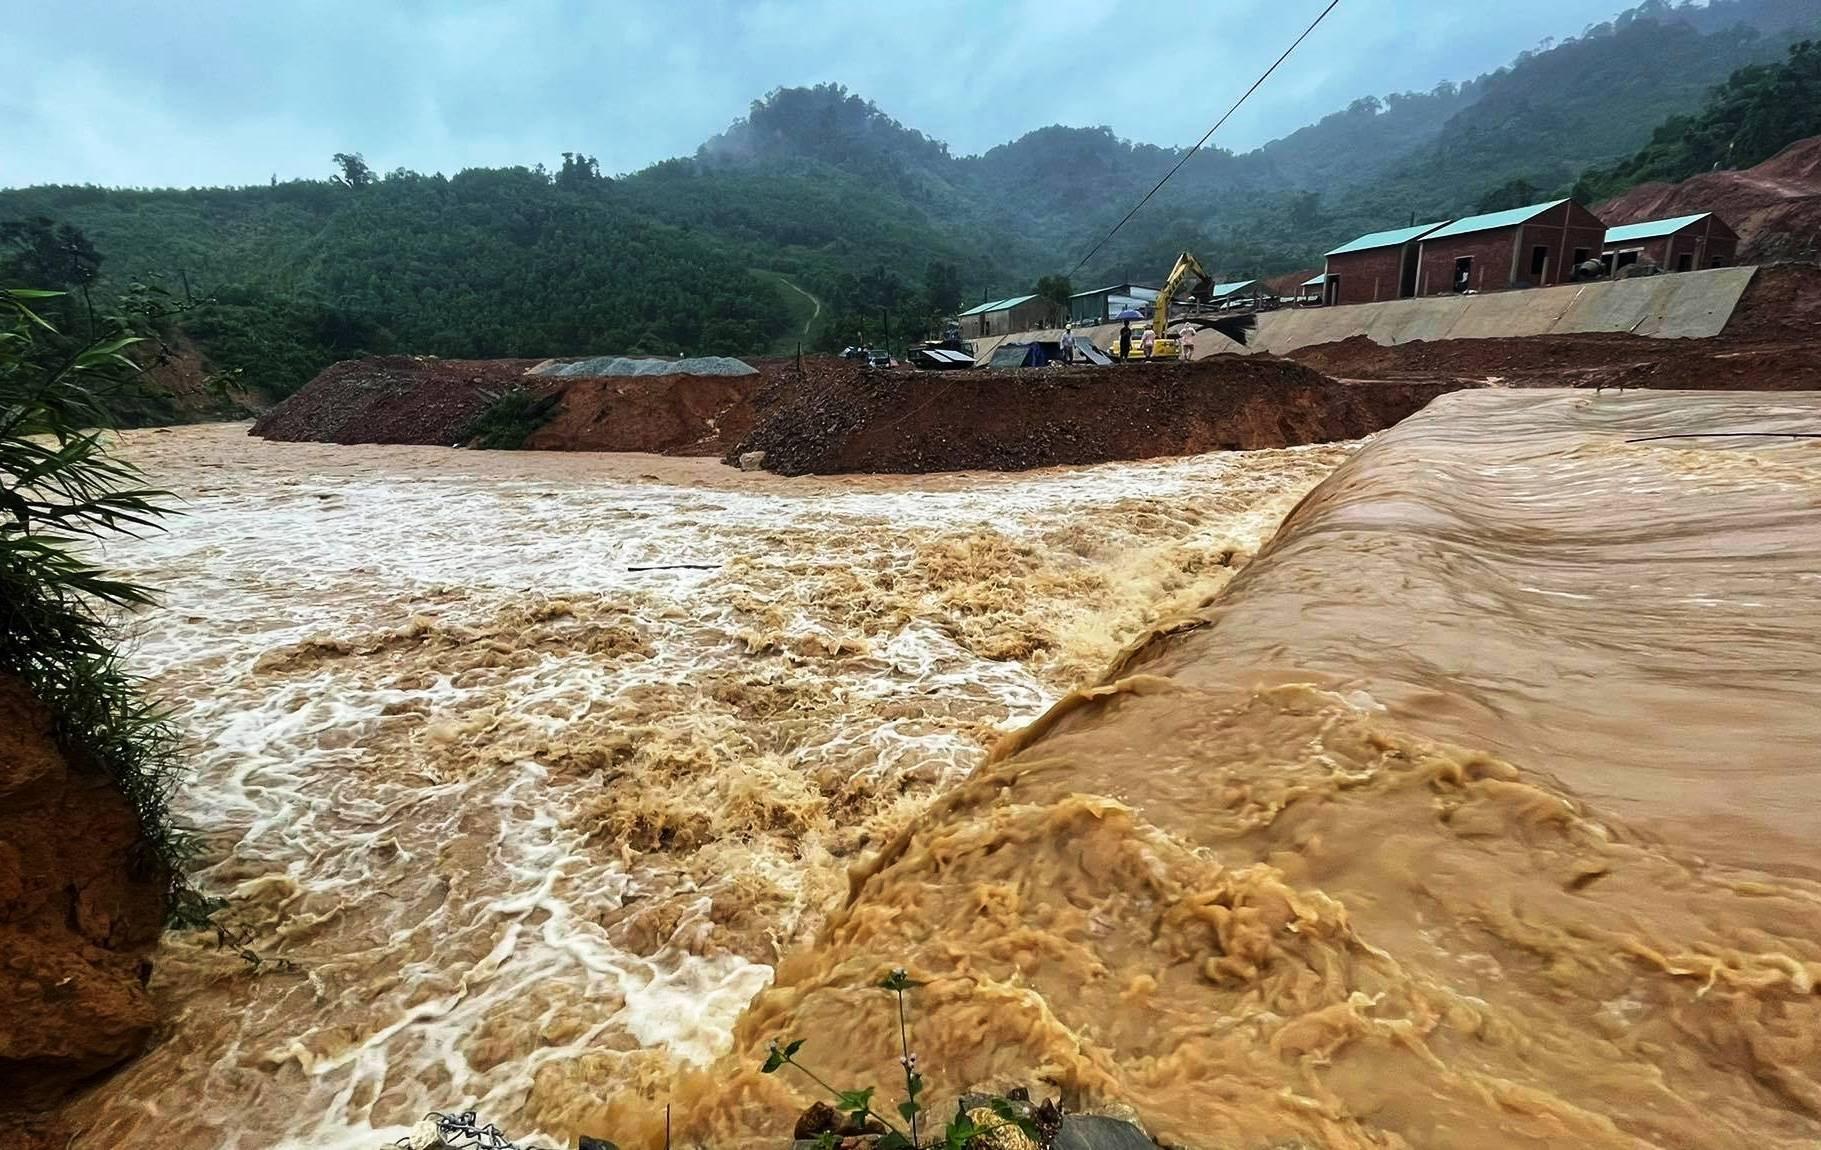 Bão Côn Sơn gây mưa lớn, nhiều vùng núi ở Quảng Nam bị cô lập